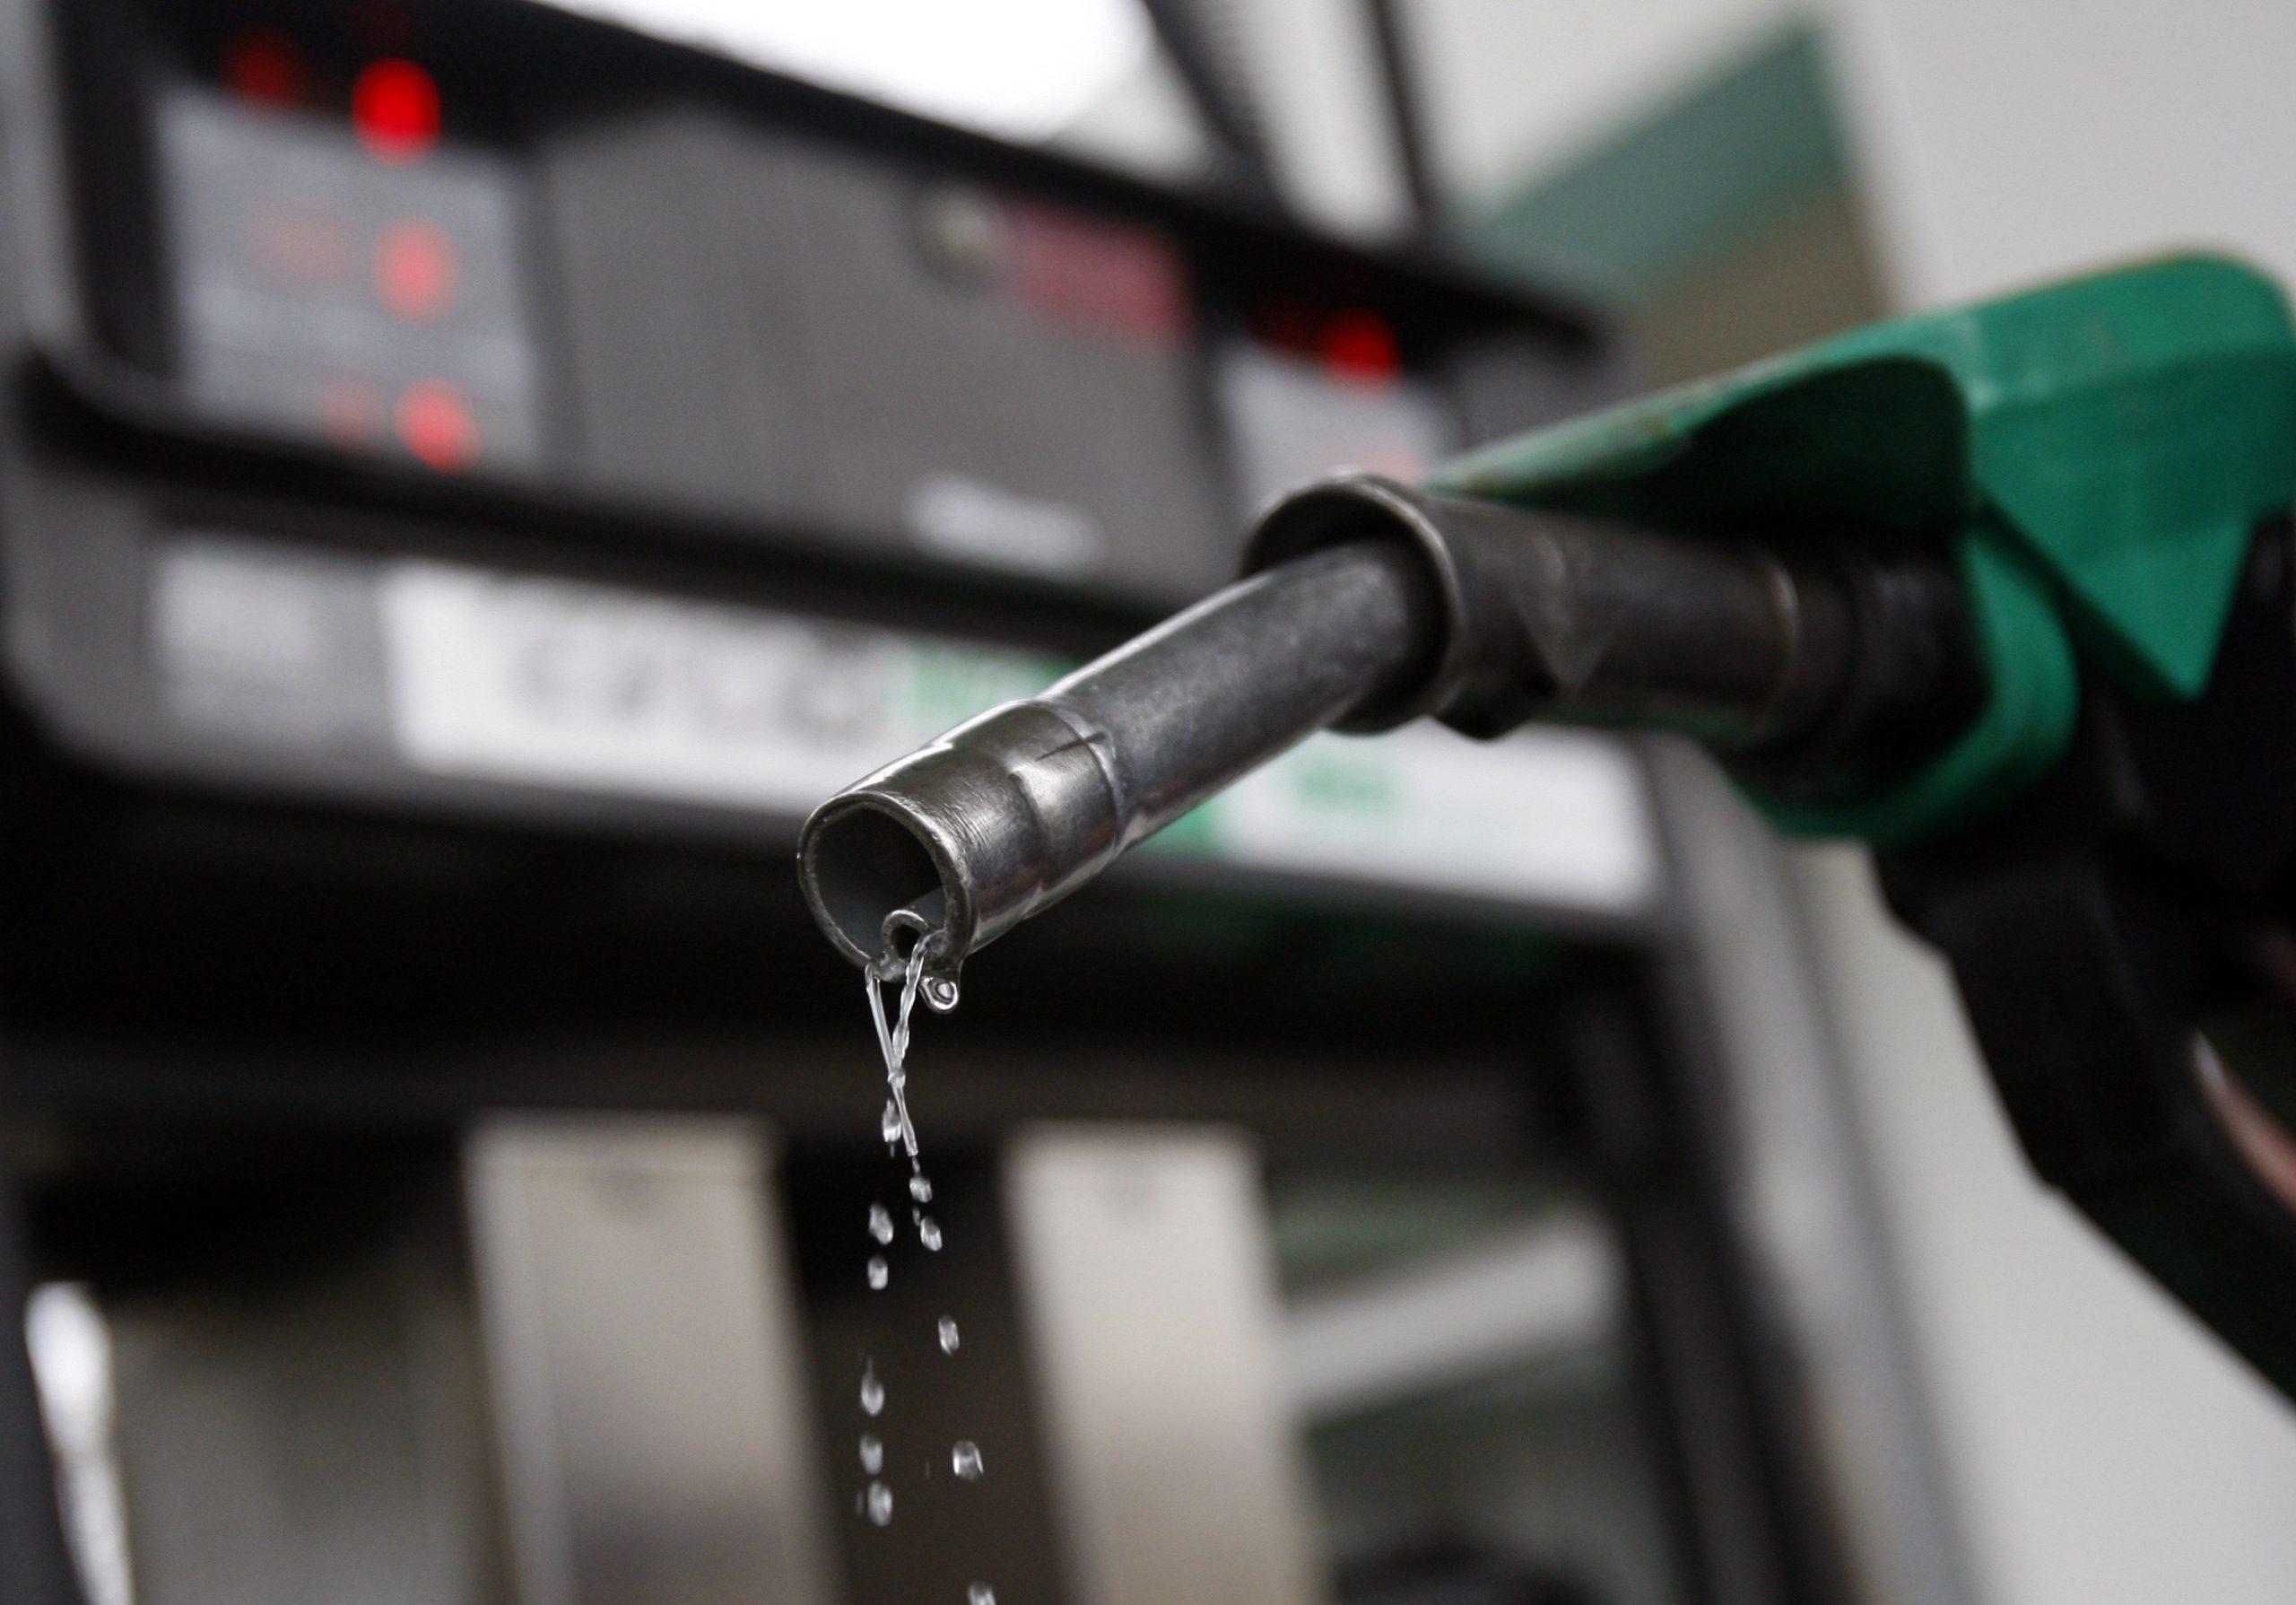 Imparables alzas semanales en el precio de los combustibles en Honduras